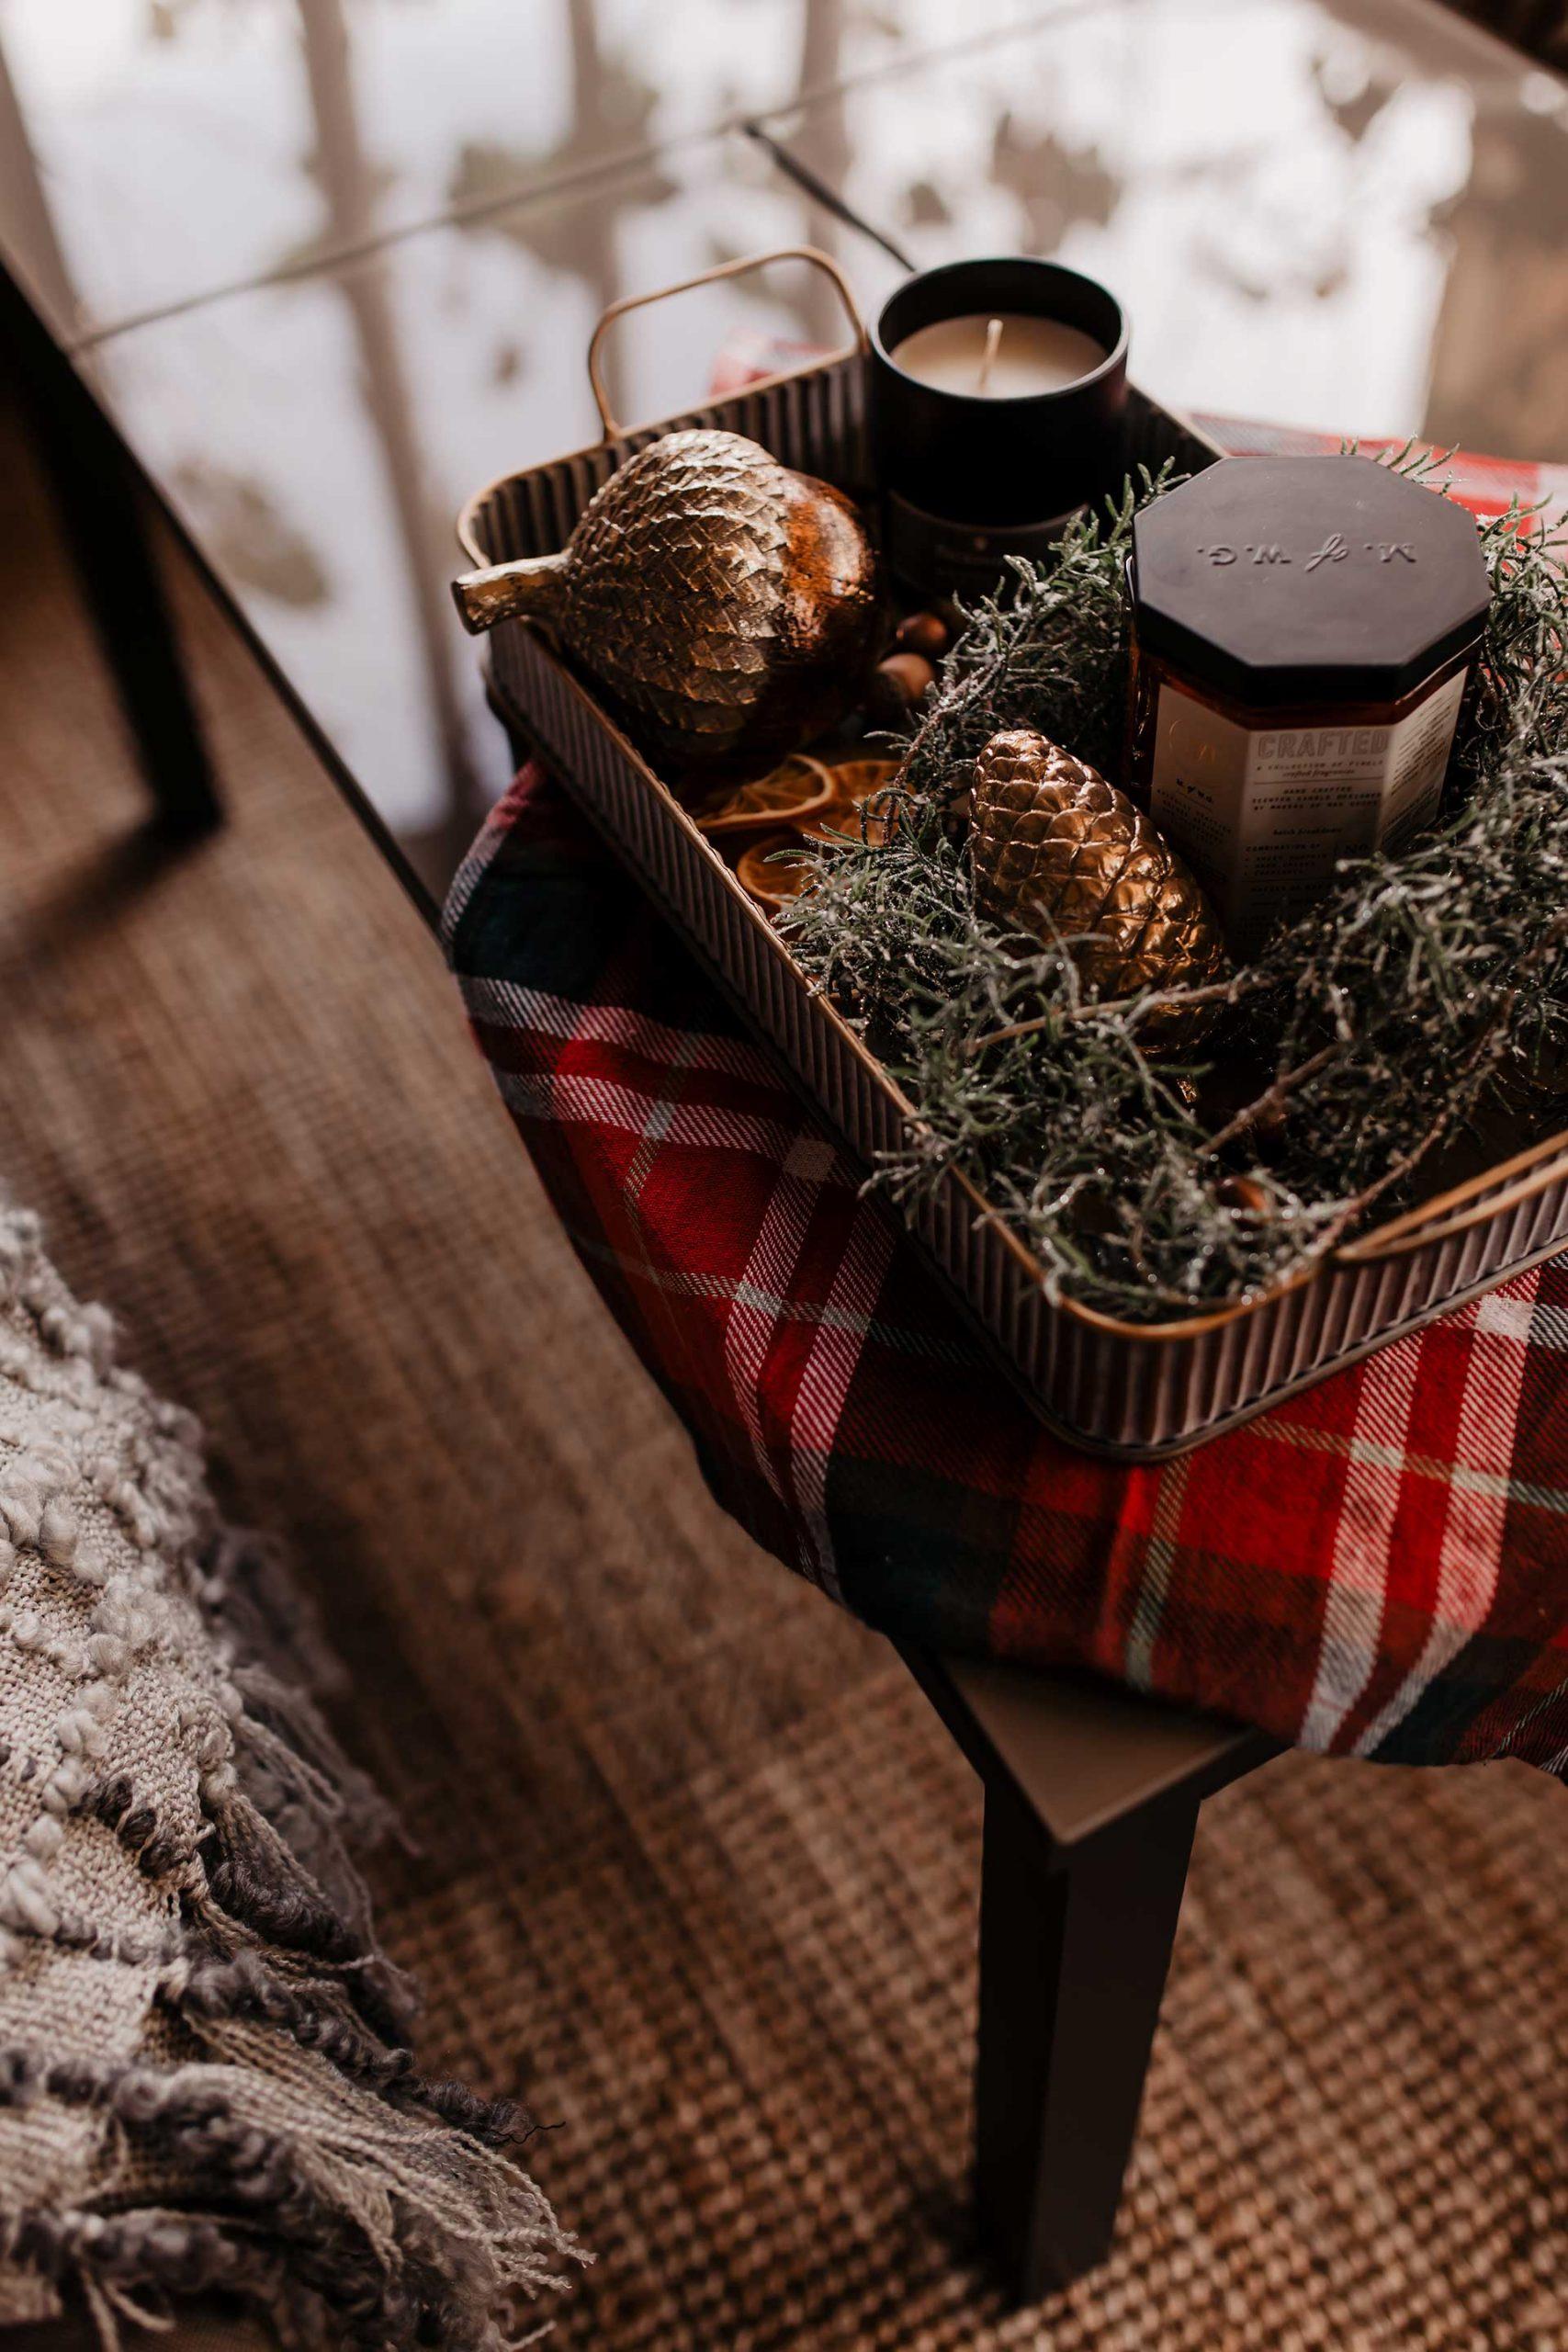 Anzeige. Im heutigen Beitrag auf meinem Interior Blog habe ich drei Dinge für dich: Ich stelle dir unseren Gasgriller vor, verrate dir meine Tipps für eine schöne Terrasse im Winter und on top natürlich auch noch das beste Rezept für weißen Glühwein! www.whoismocca.com #glühwein #winterdeko #terrasse #gasgrill